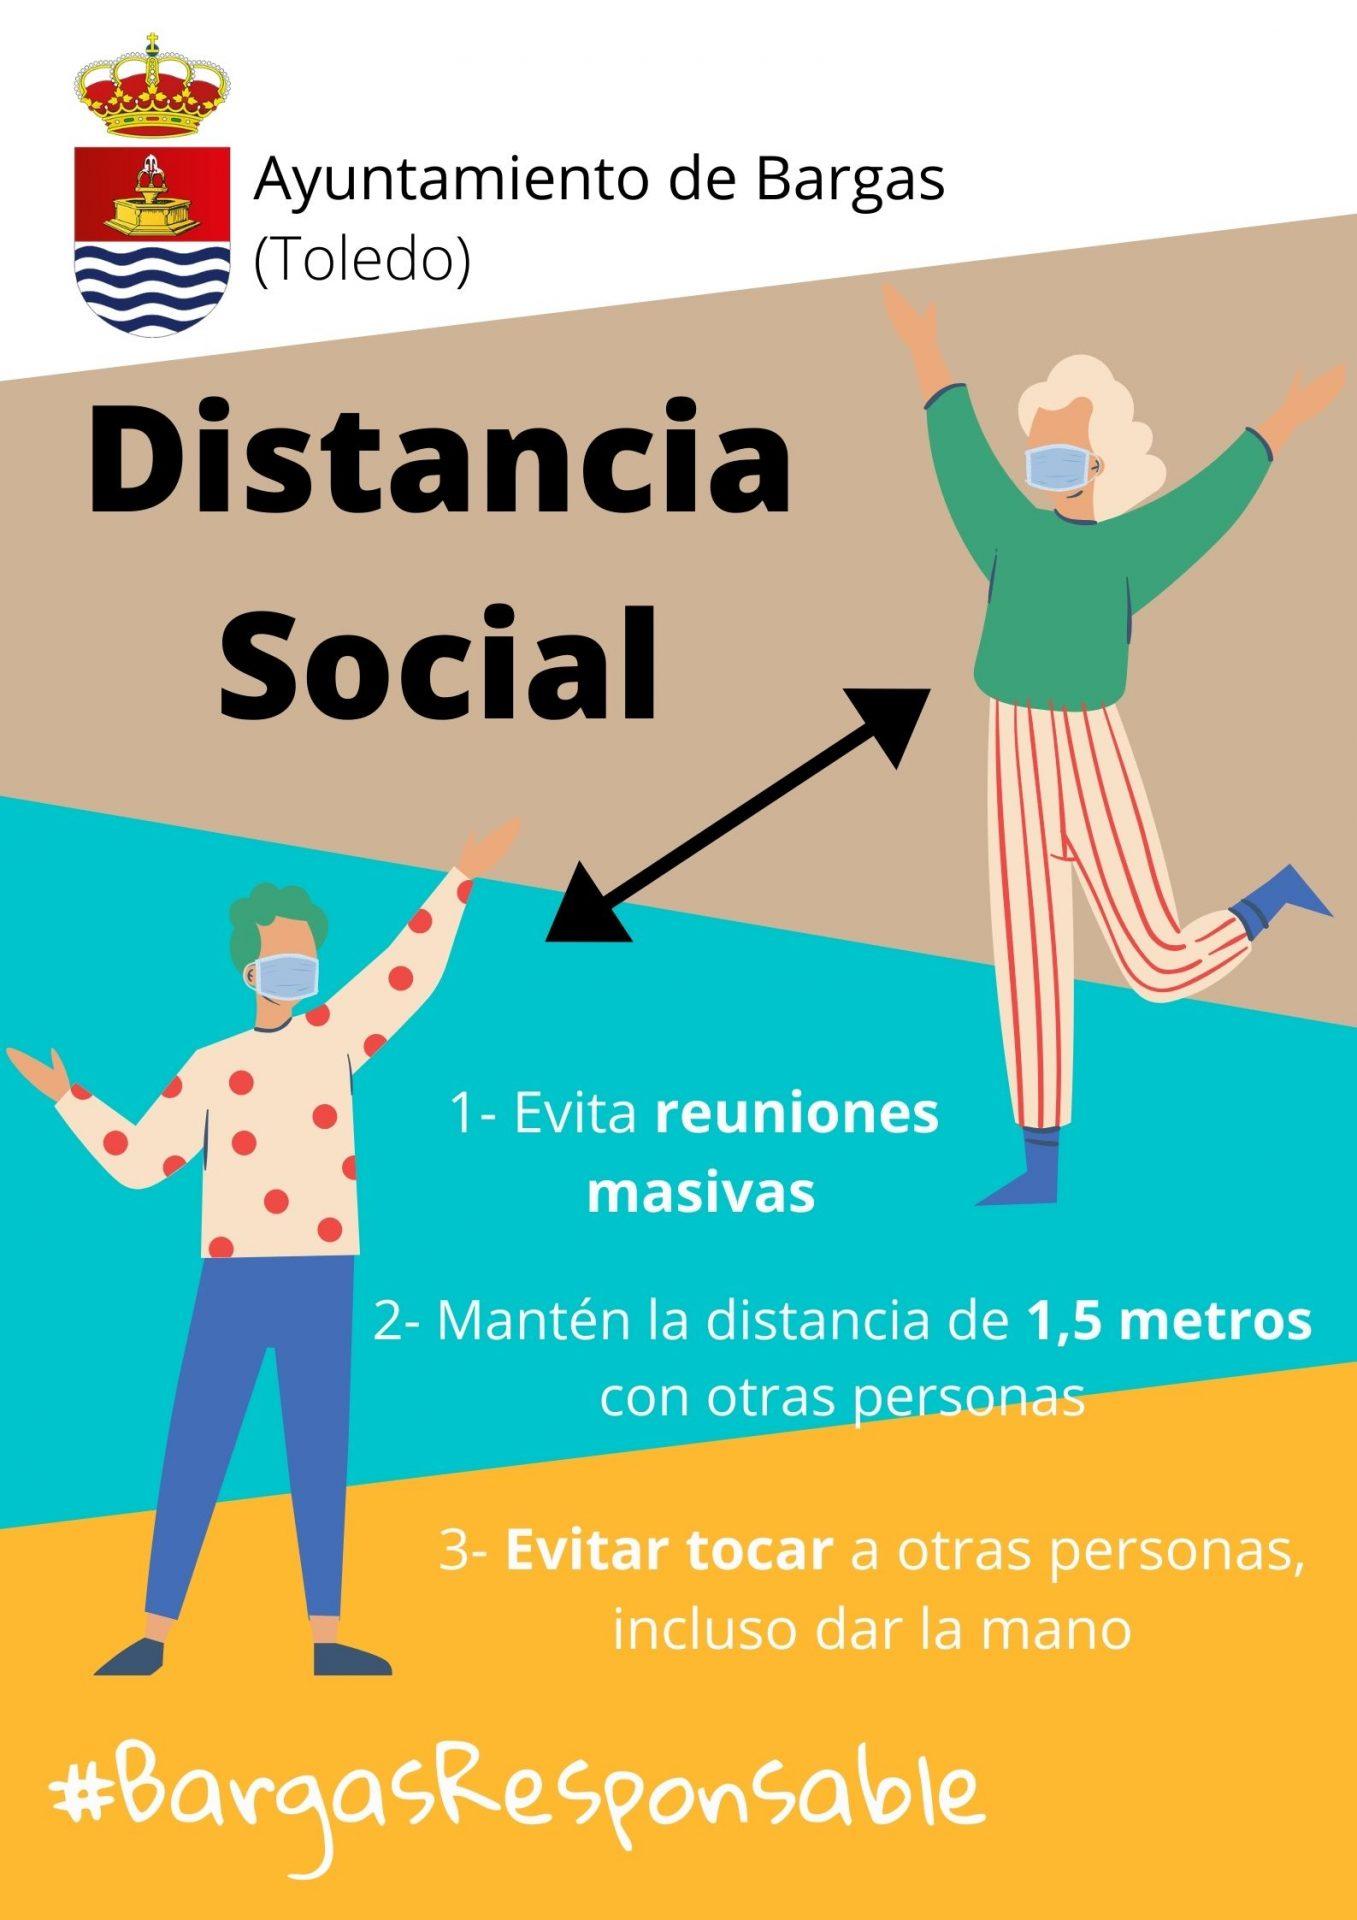 Distancia Social #BargasResponsable